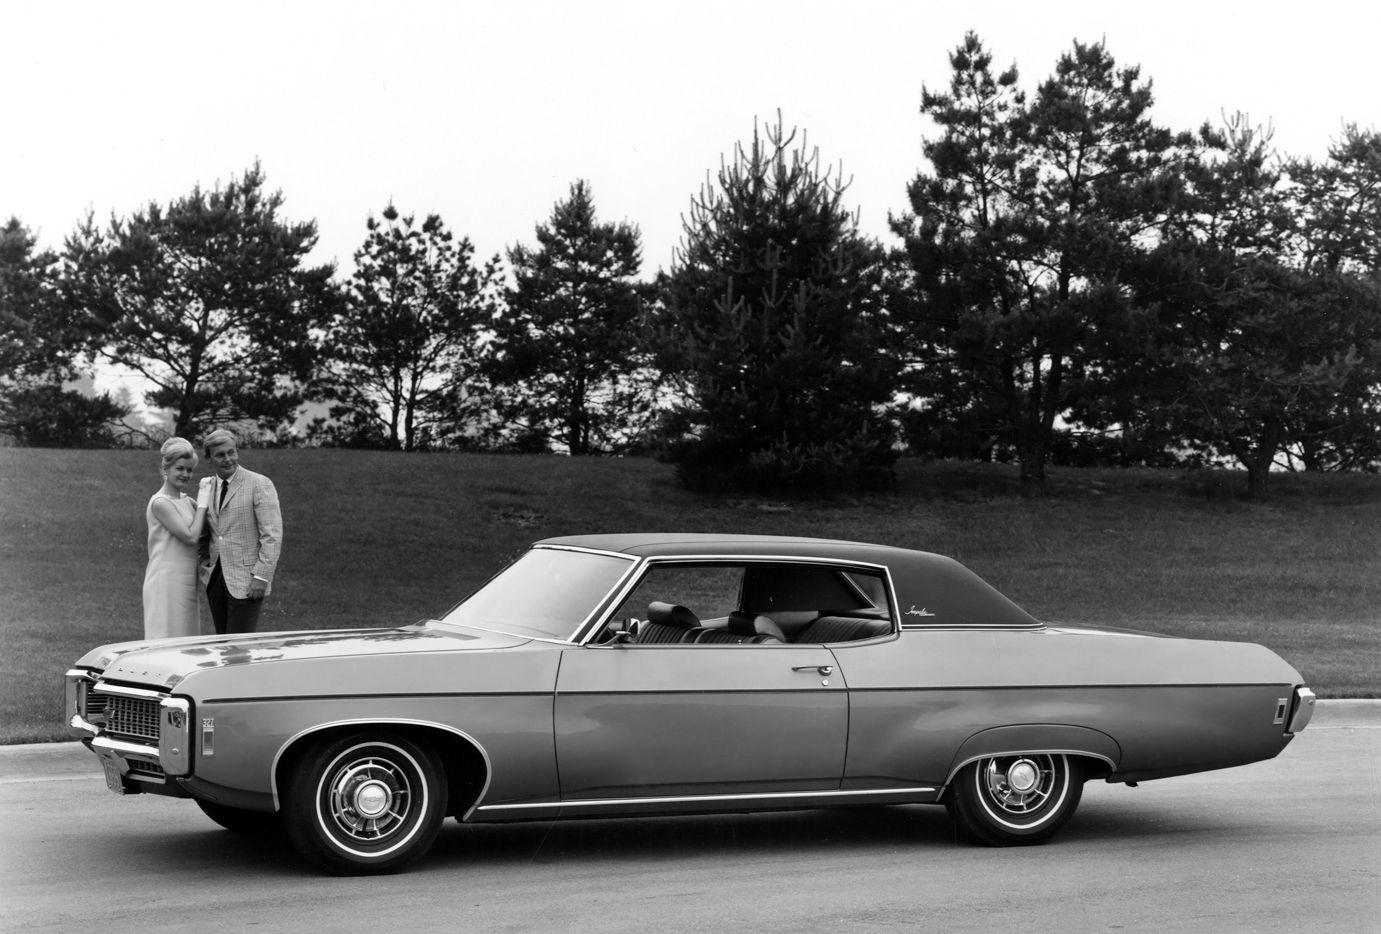 mpick67's 1967 Chevrolet Impala in Sparta, TN | impalas ...